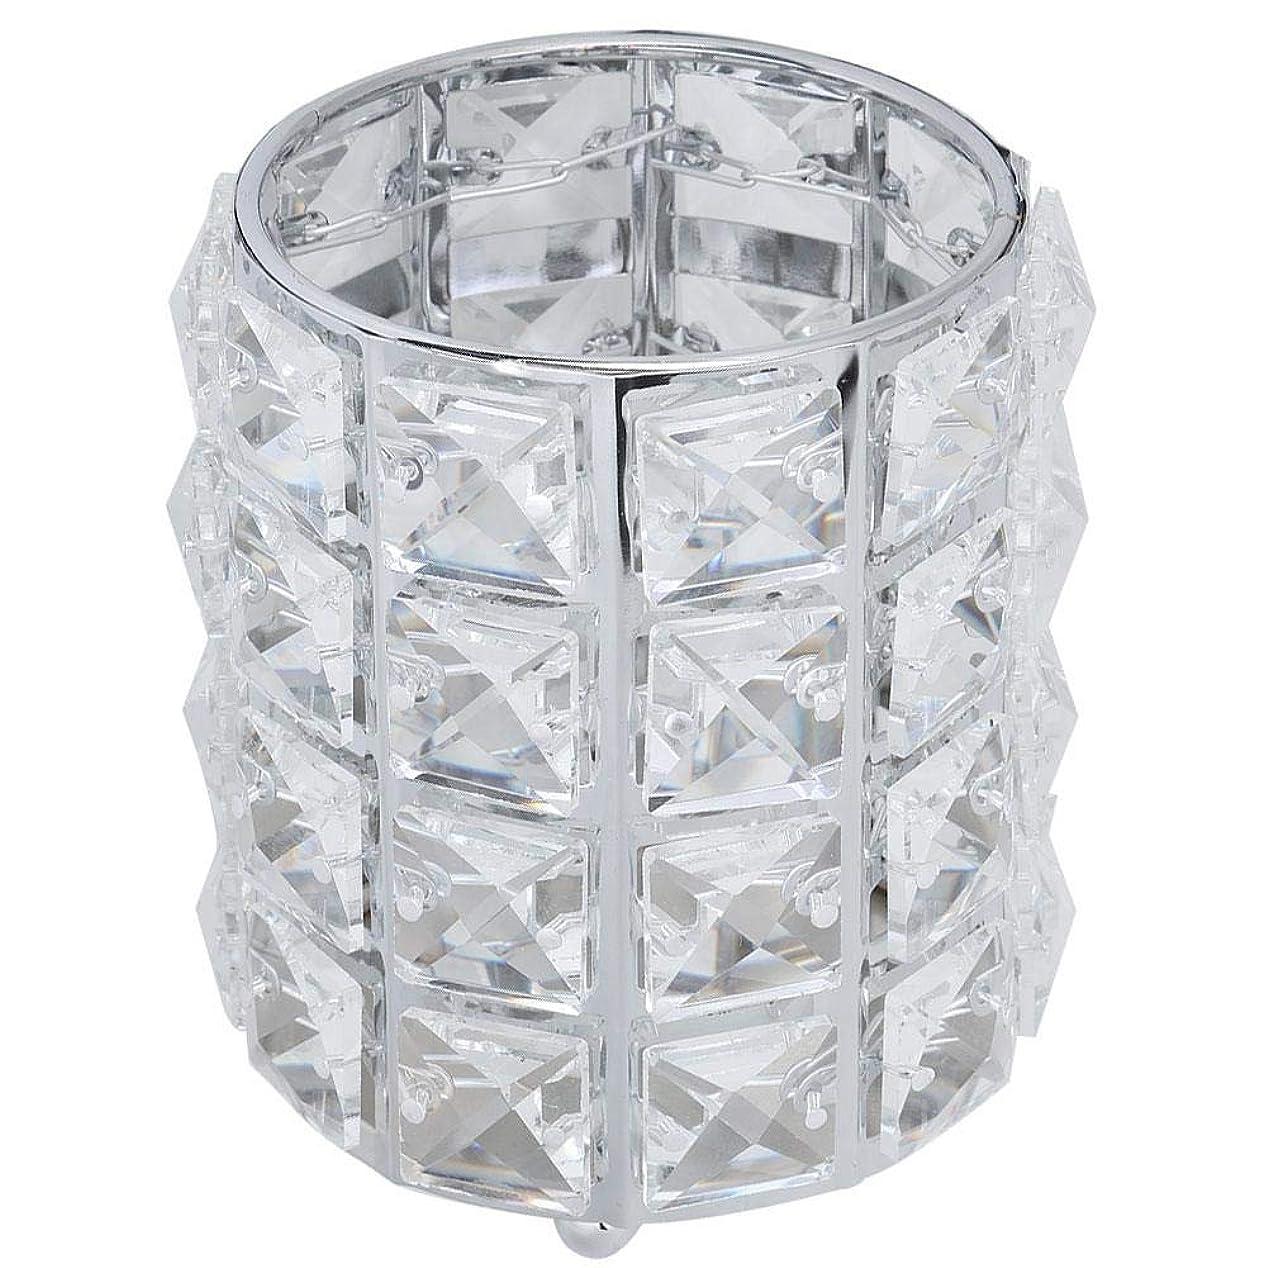 廃止ラバストレスの多いブラシ収納チューブ、金属クリスタル化粧ブラシ収納チューブ眉ペンシルジュエリー収納ボックス(銀色)